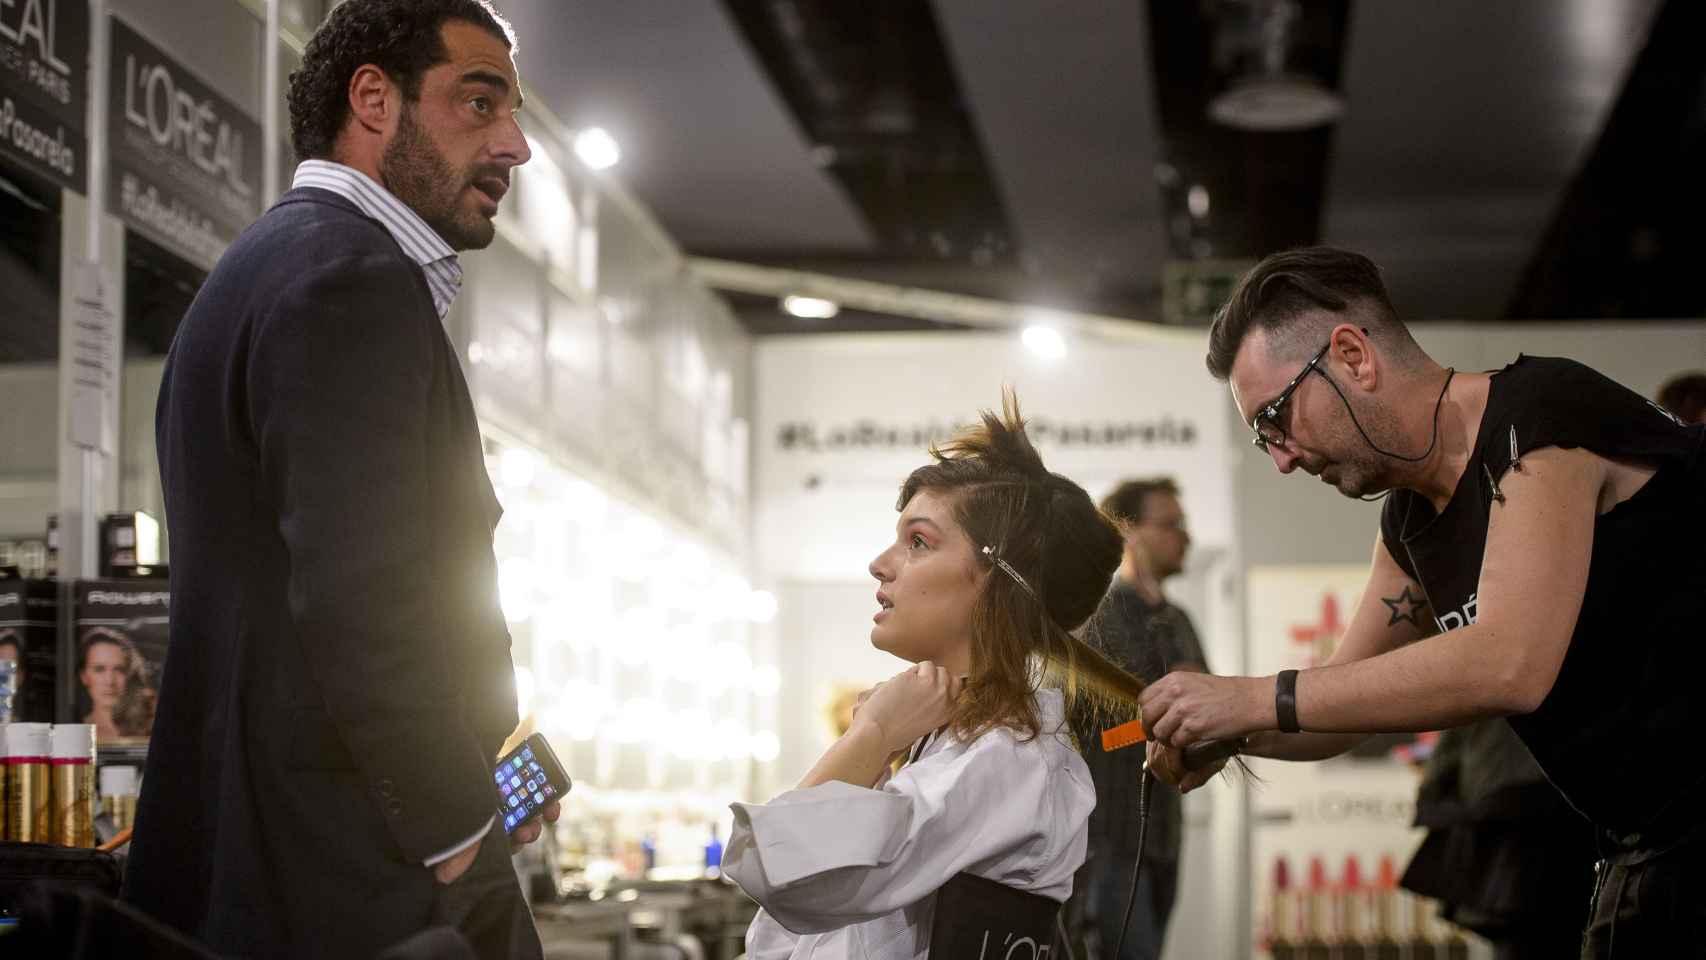 Vicente Cebrián charla animadamente con la modelo Marta Ortiz en el backstage